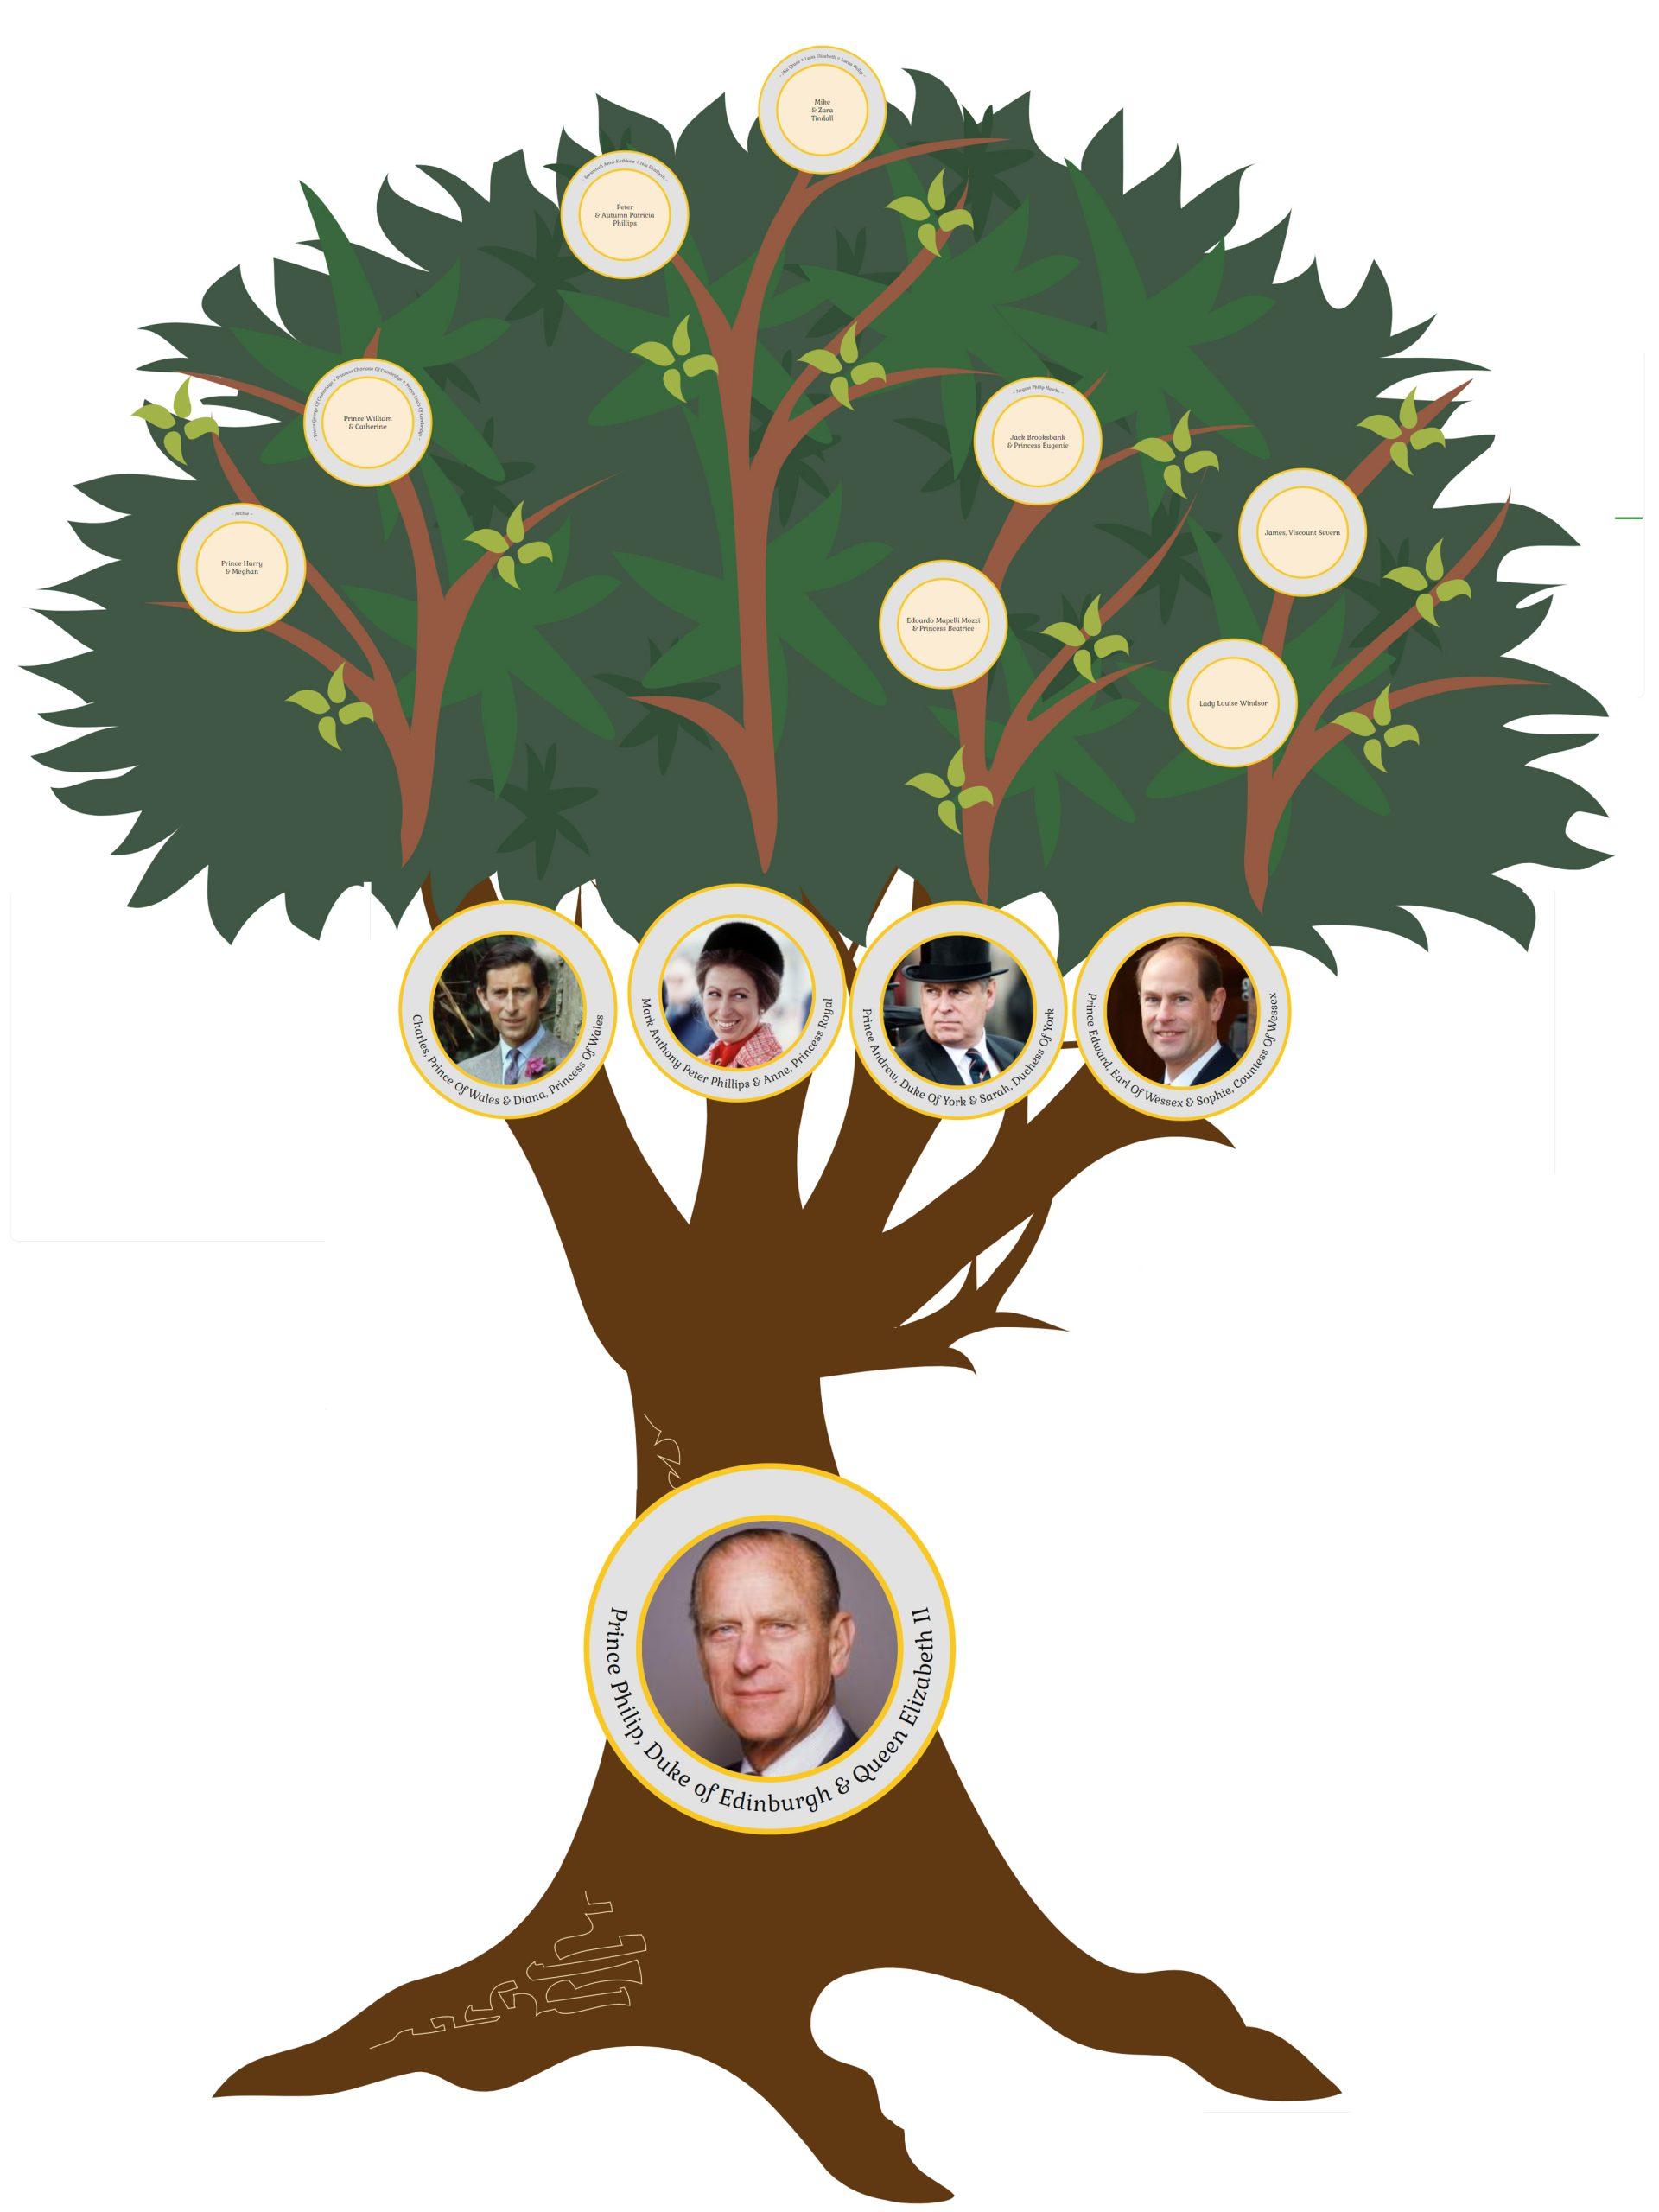 Prince Philip Descendant Tree